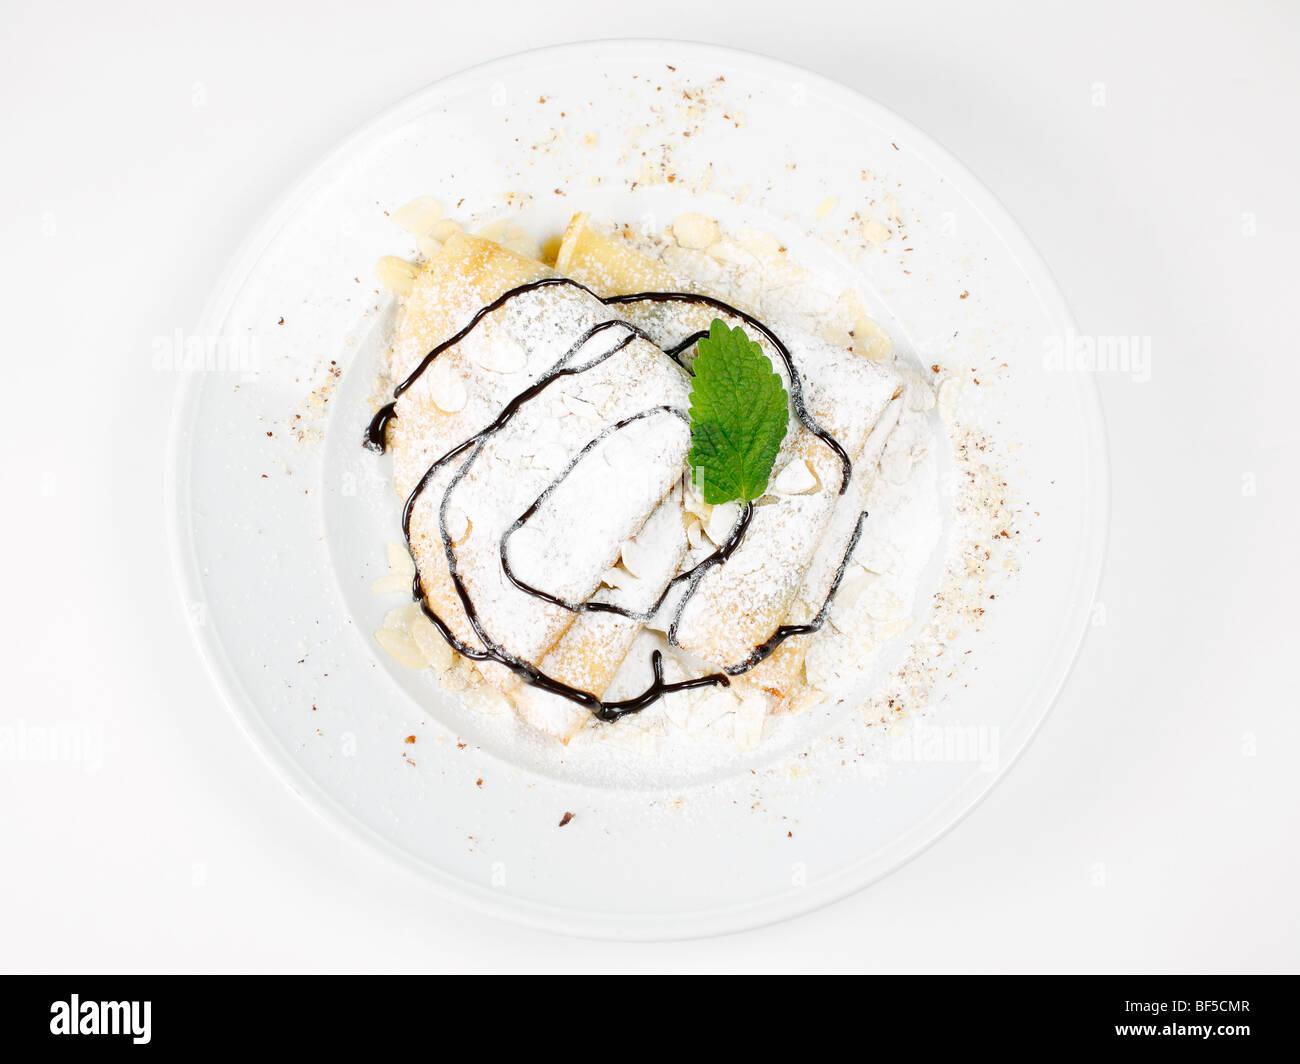 Pancakes with chocolate sauce - Stock Image